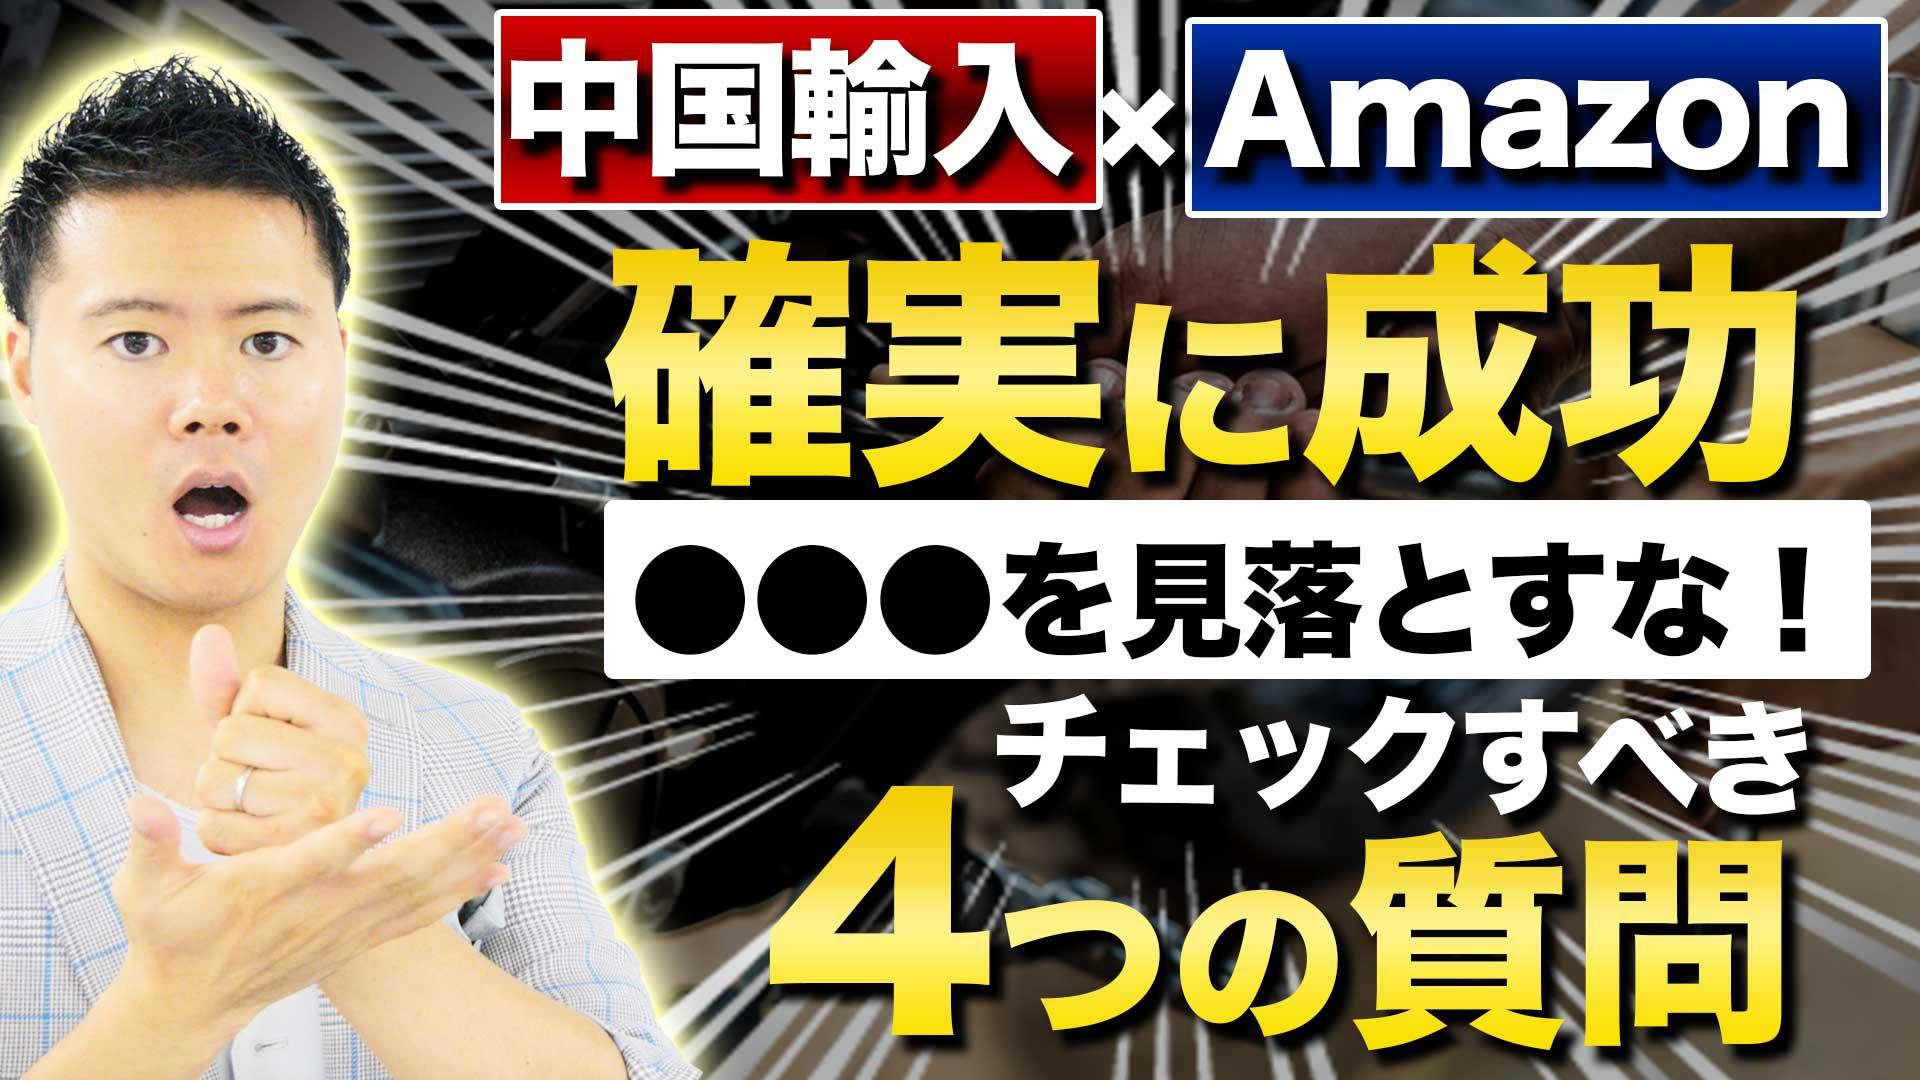 中国輸入OEM×Amazon販売を成功させるための発注前に考える4つの質問